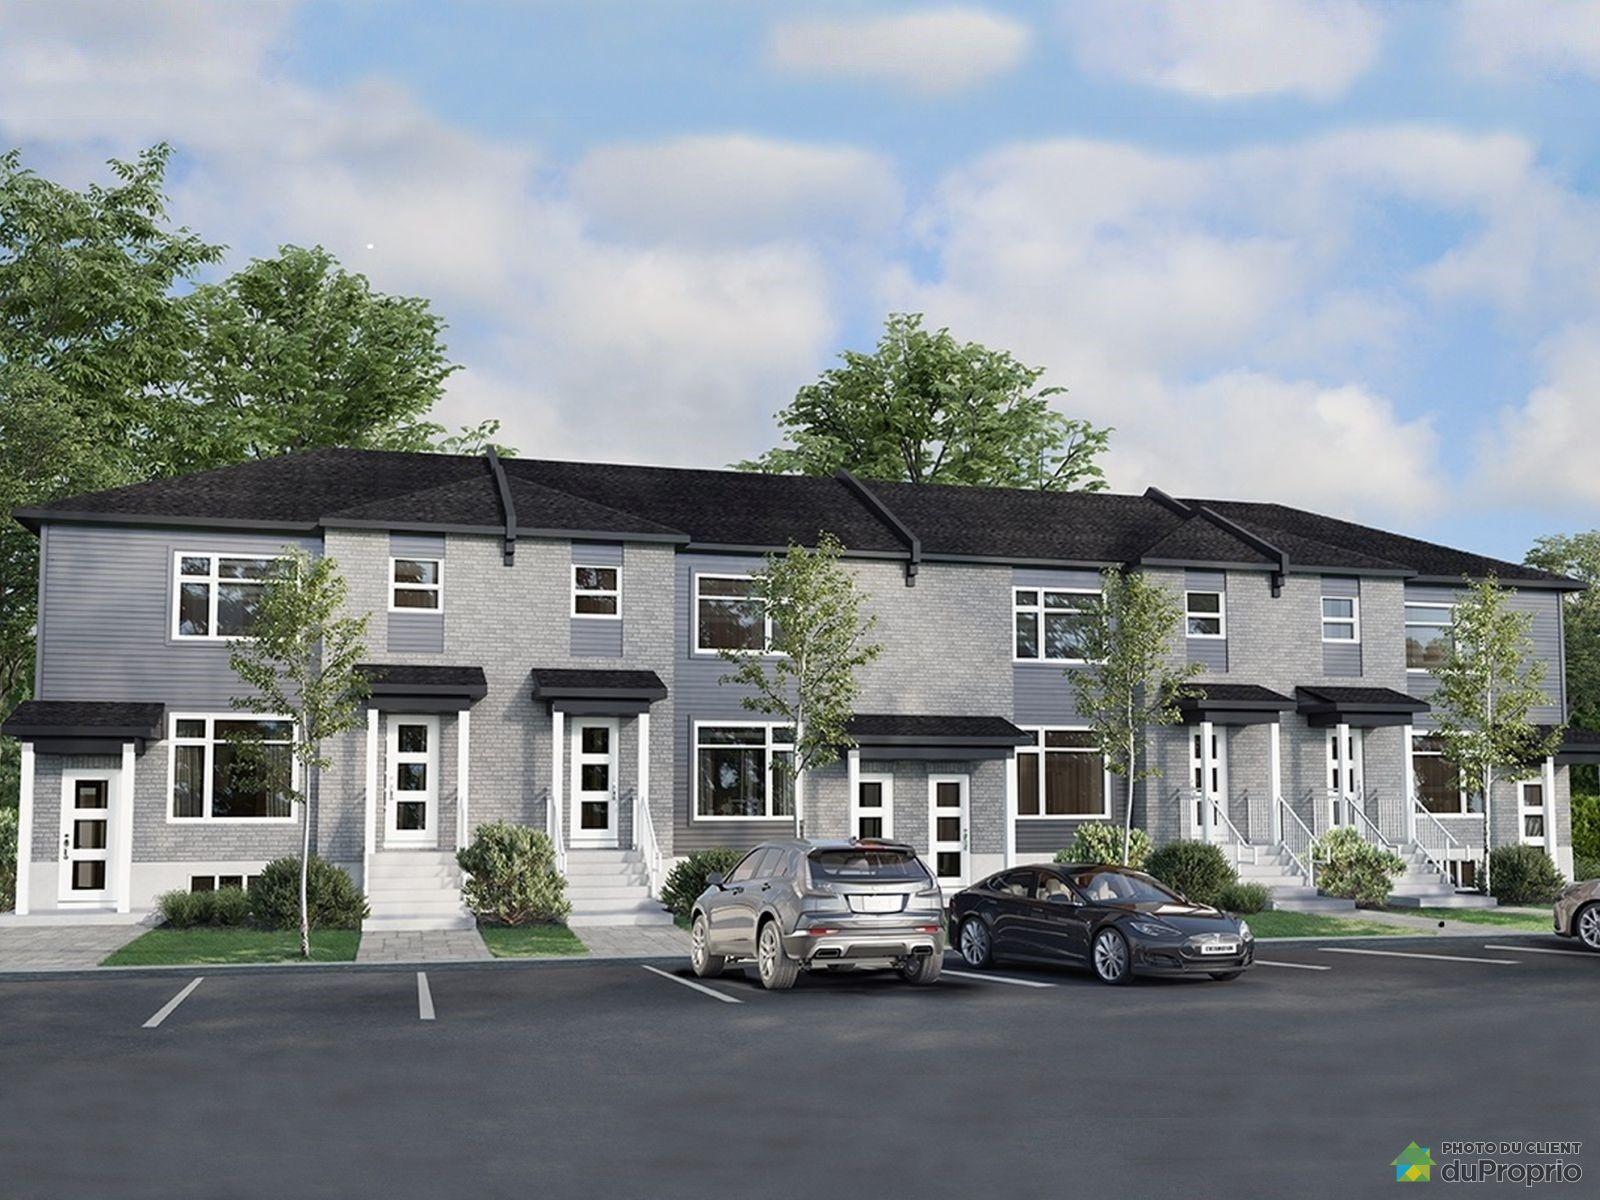 186, rue des Haut-Bois - Projet Esplanade des Hauts-Bois - Par les Constructions MCL, Gatineau (Masson-Angers) à vendre